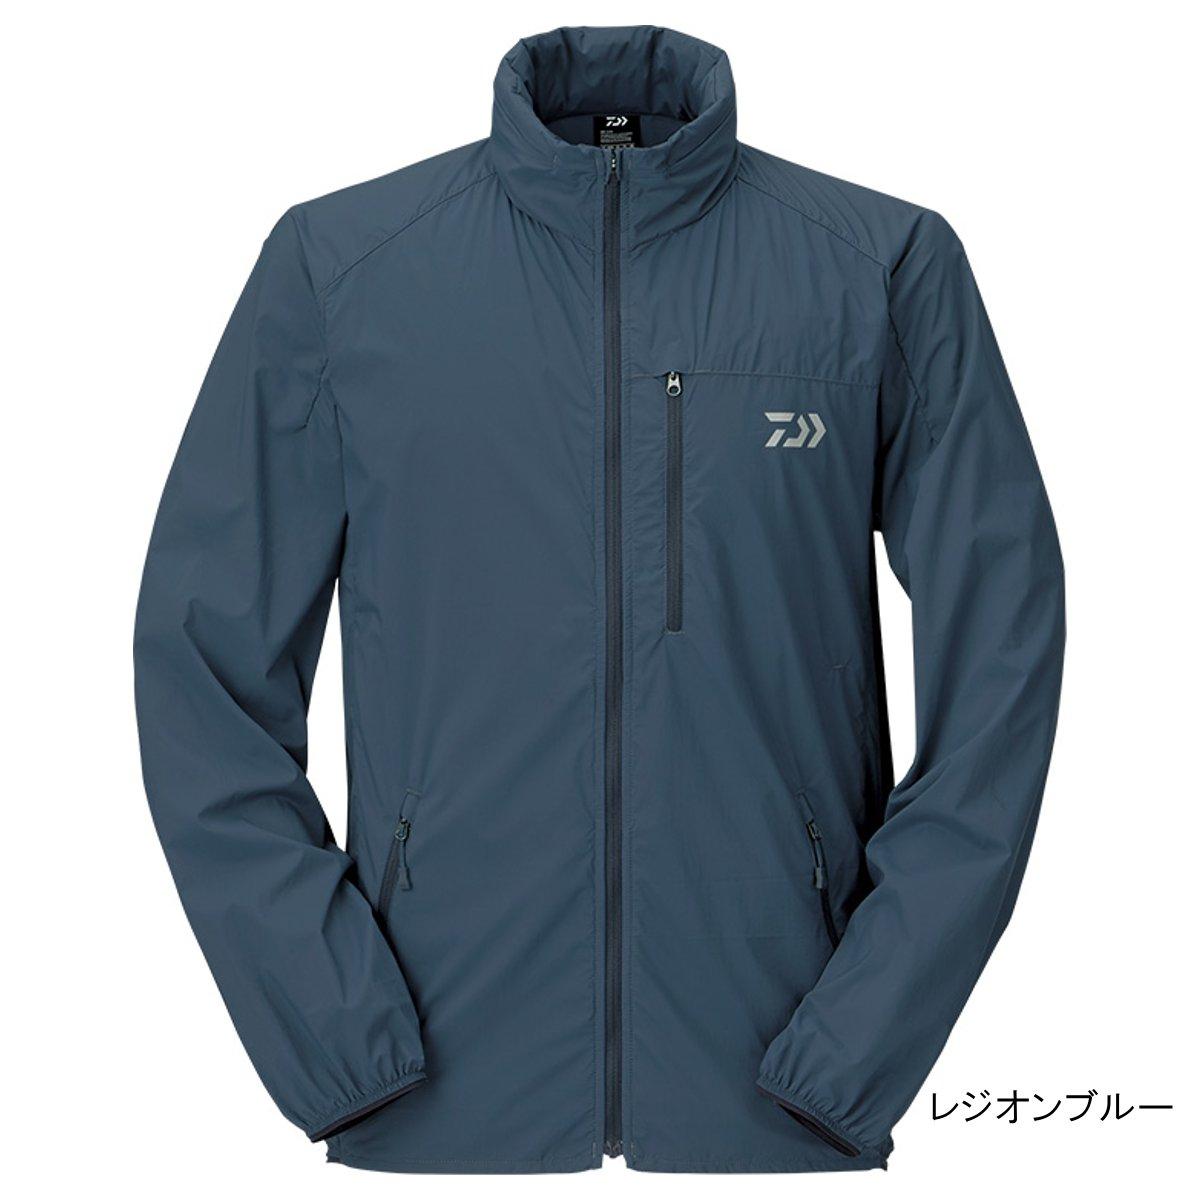 ダイワ ポケッタブルウィンドジャケット DJ-33009 L レジオンブルー【送料無料】